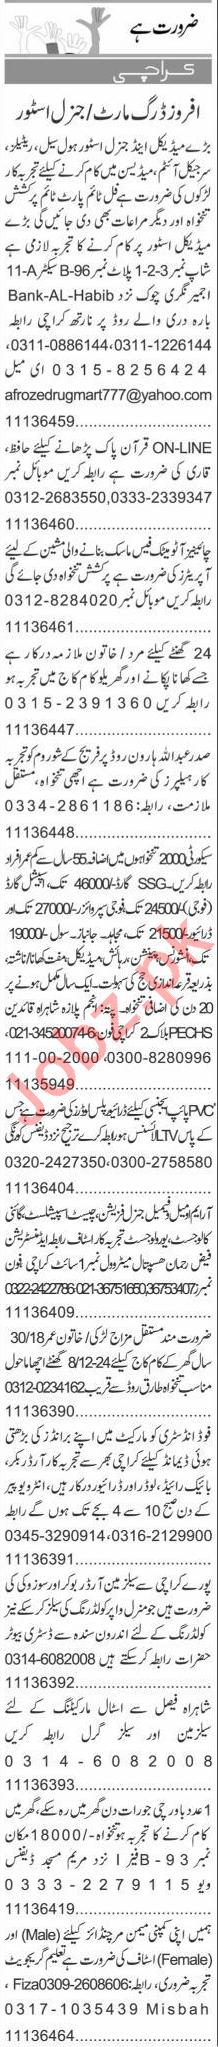 Express Sunday Karachi Classified Ads 31st May 2020